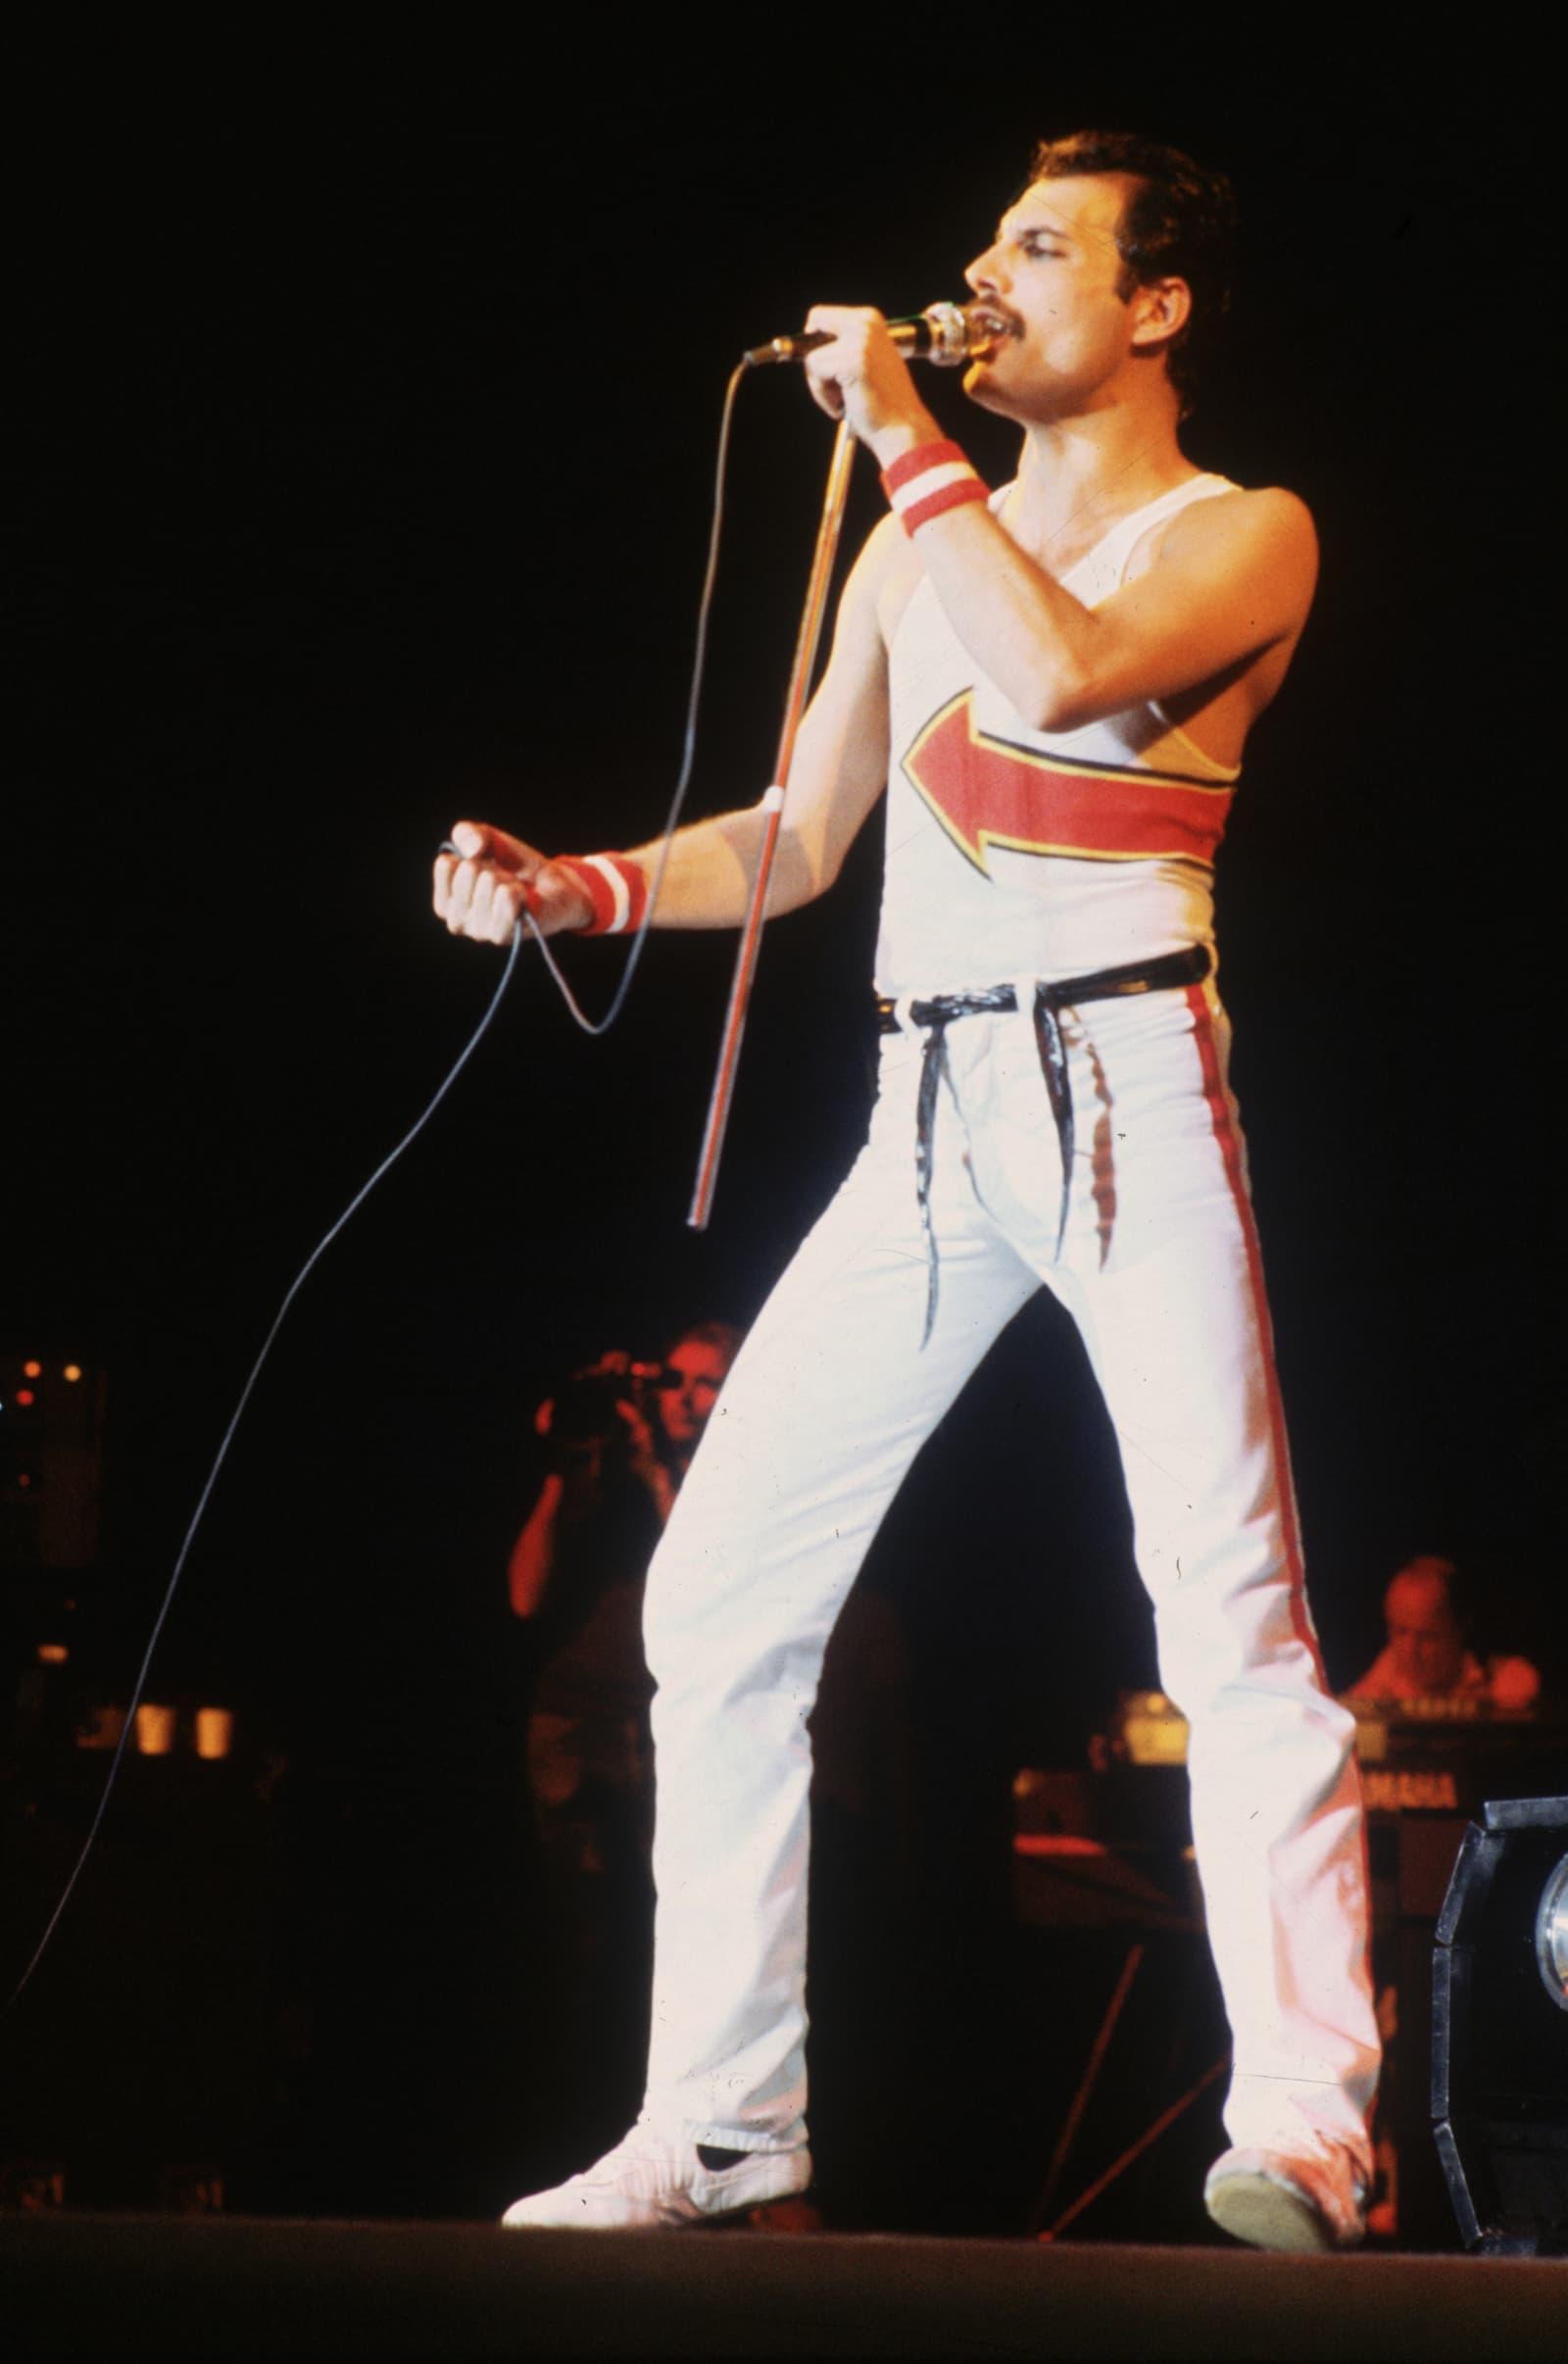 Freddie Mercury dachte nicht, dass er mit John Lennon mithalten könne